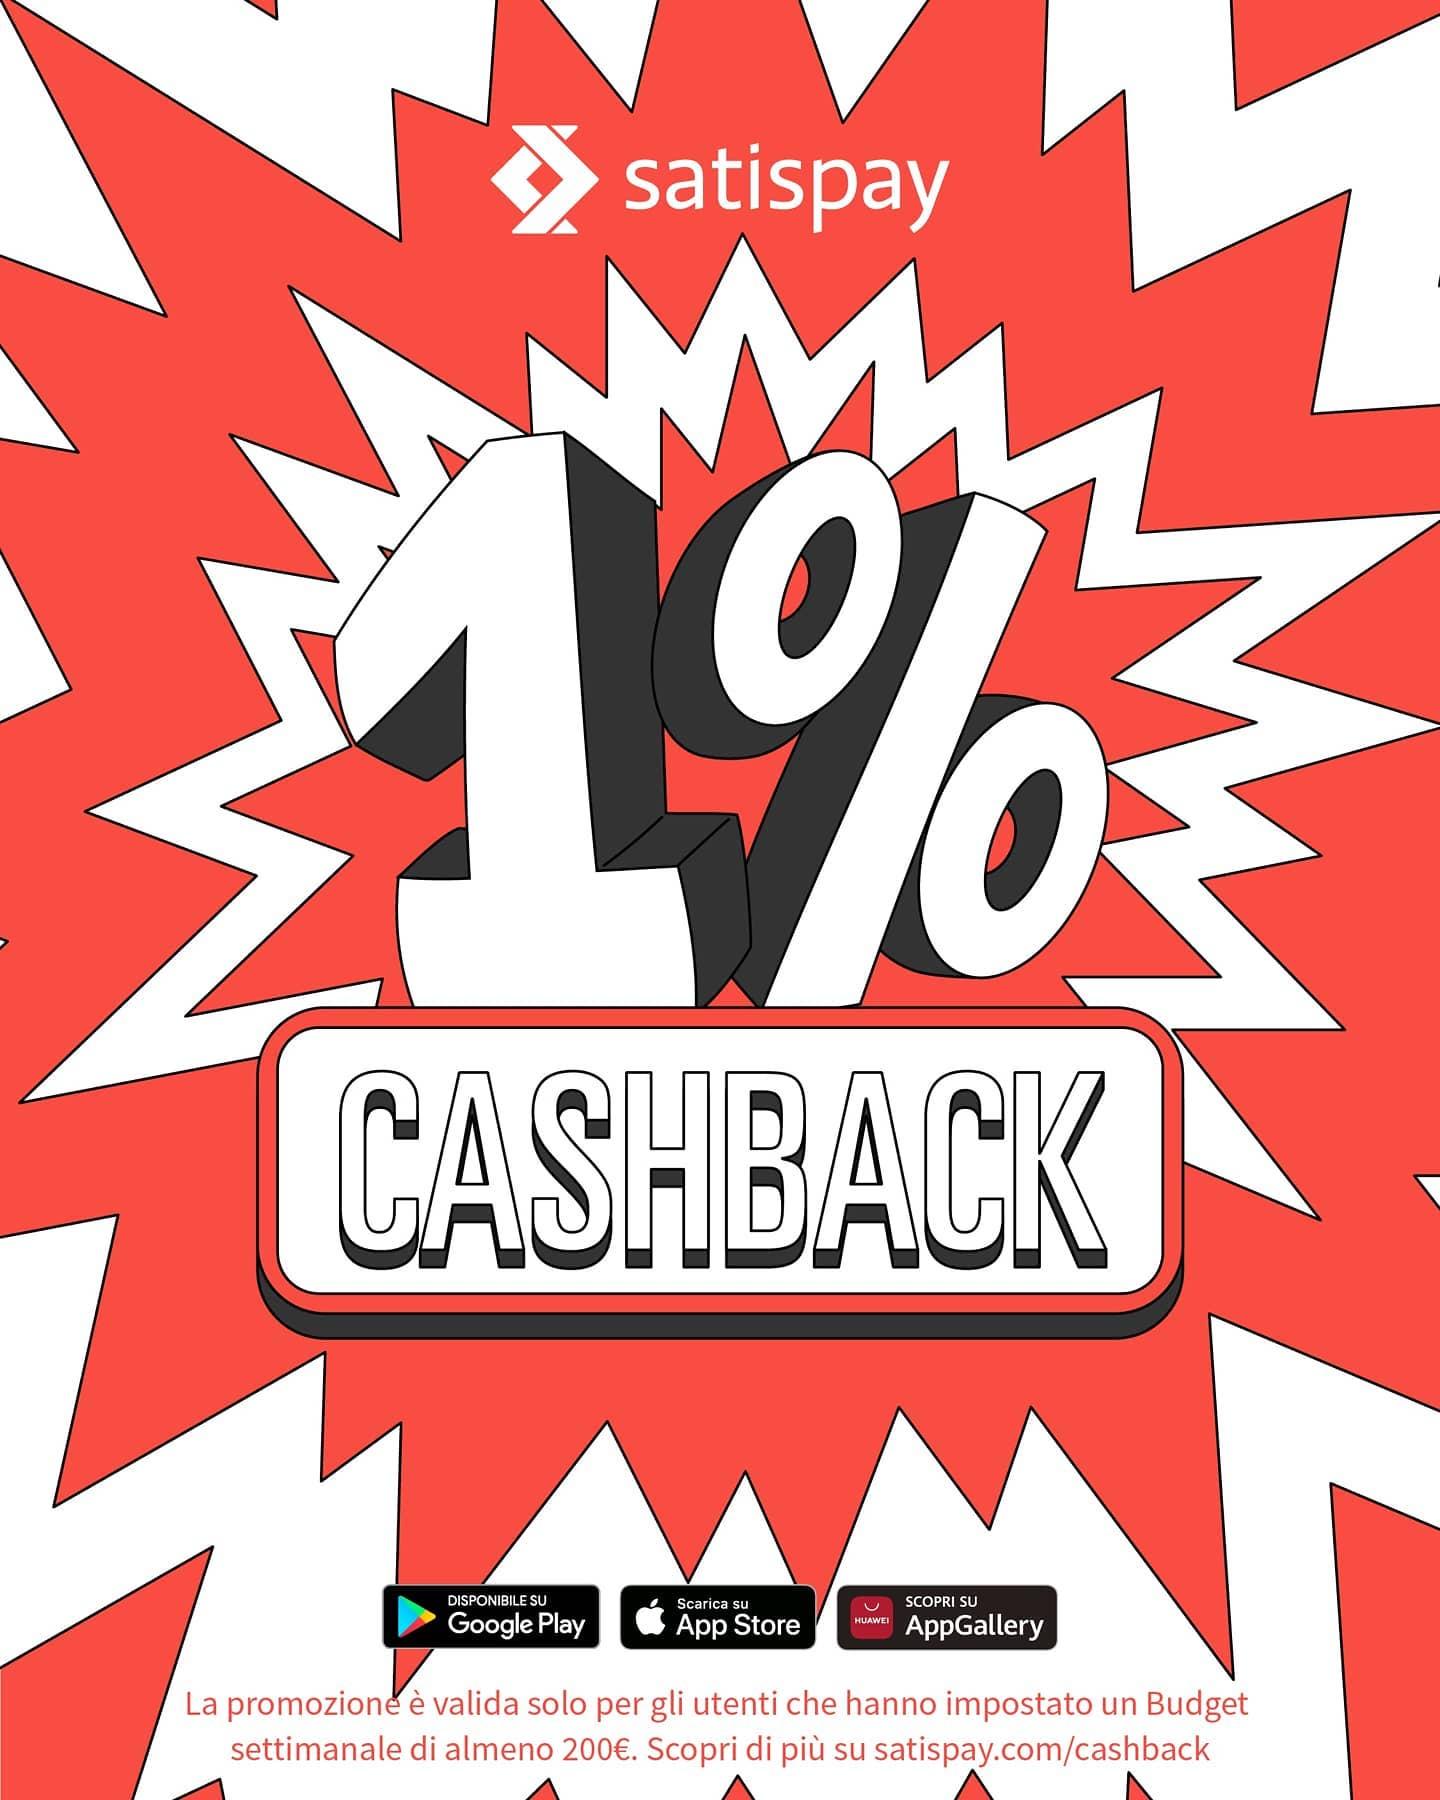 Da Virgoz puoi pagare con Satispay e approfittare del cashback, per saperne di più gurda la tua app. o scaricala -      .studio     #